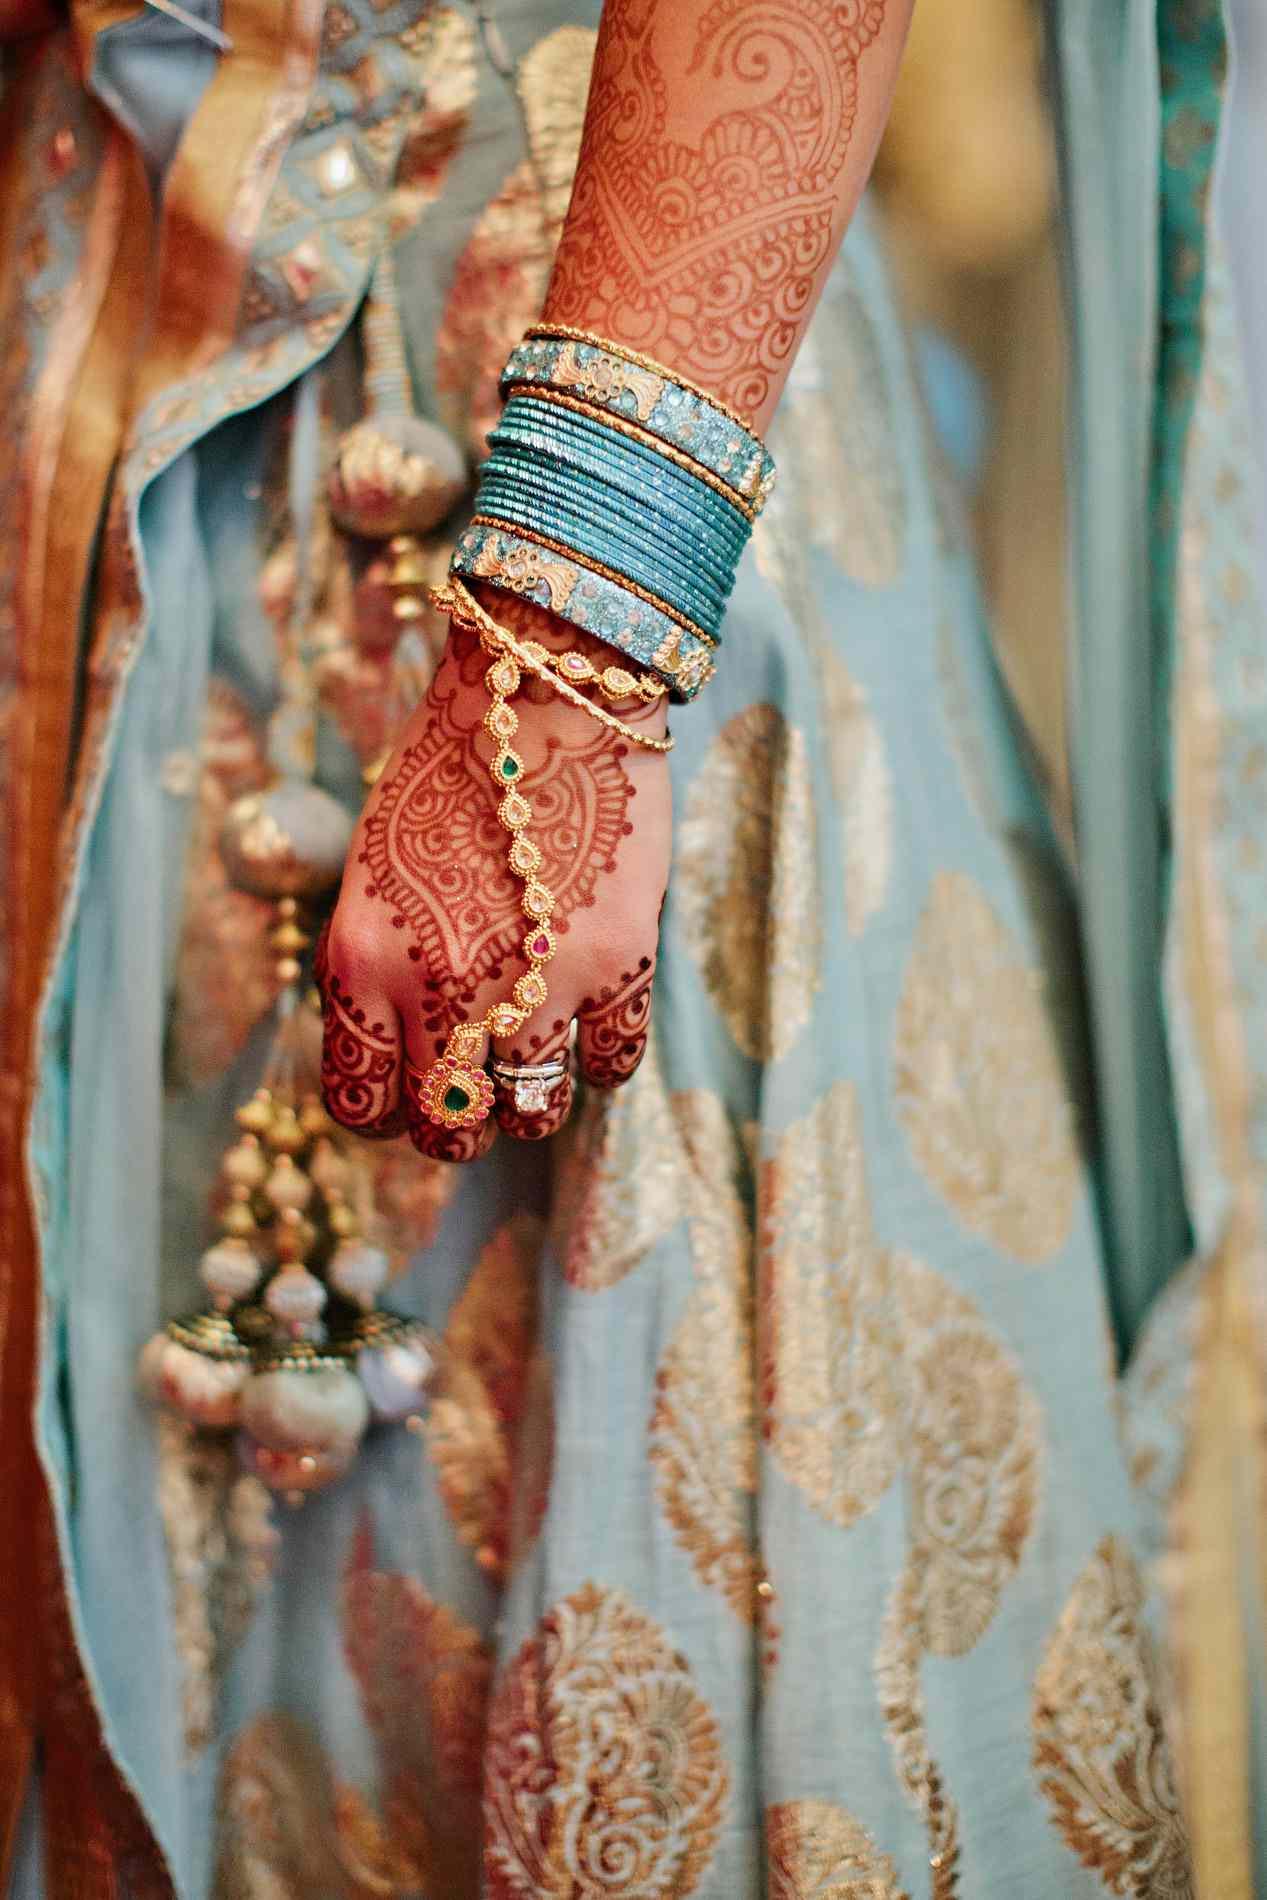 Bride's hand close-up